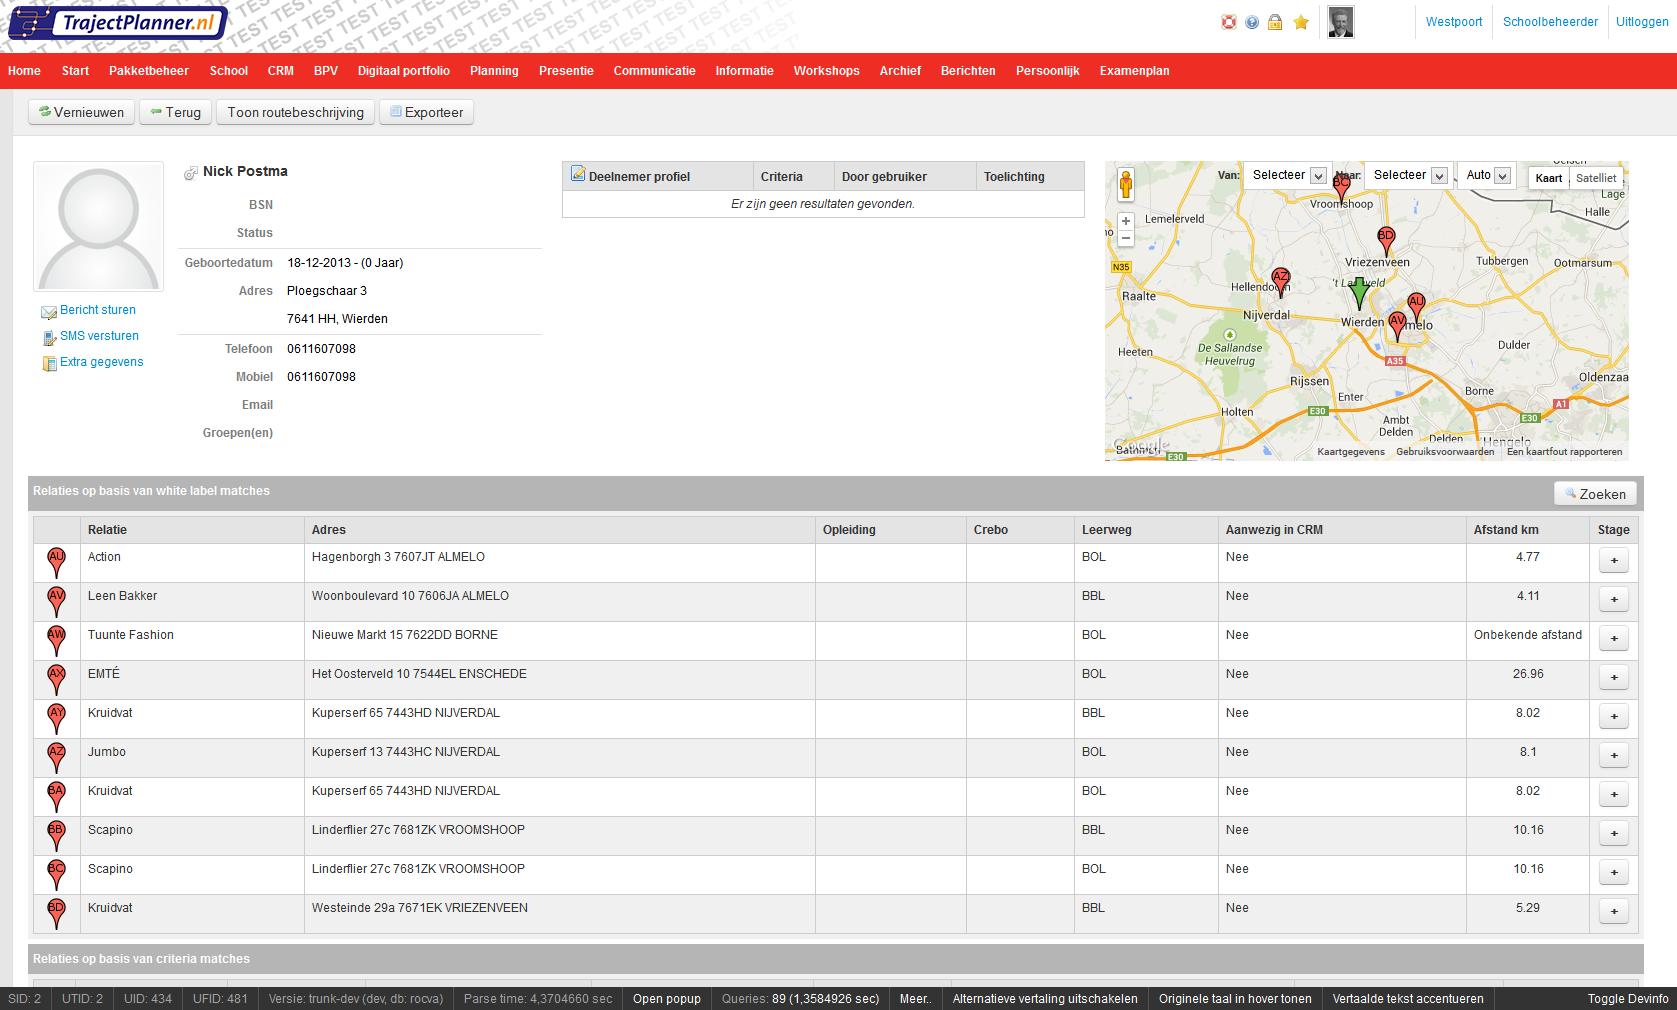 Trajectplanner Database Management System